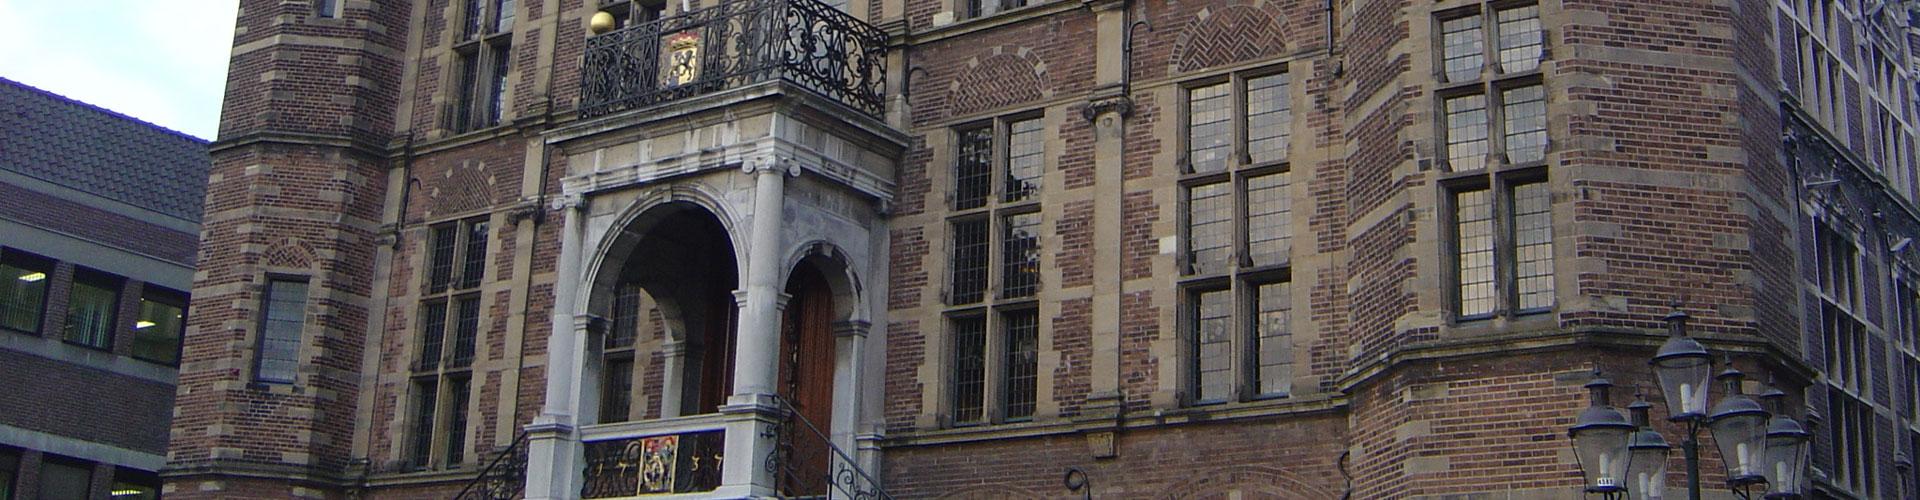 Letselschade Venlo advocaat inschakelen